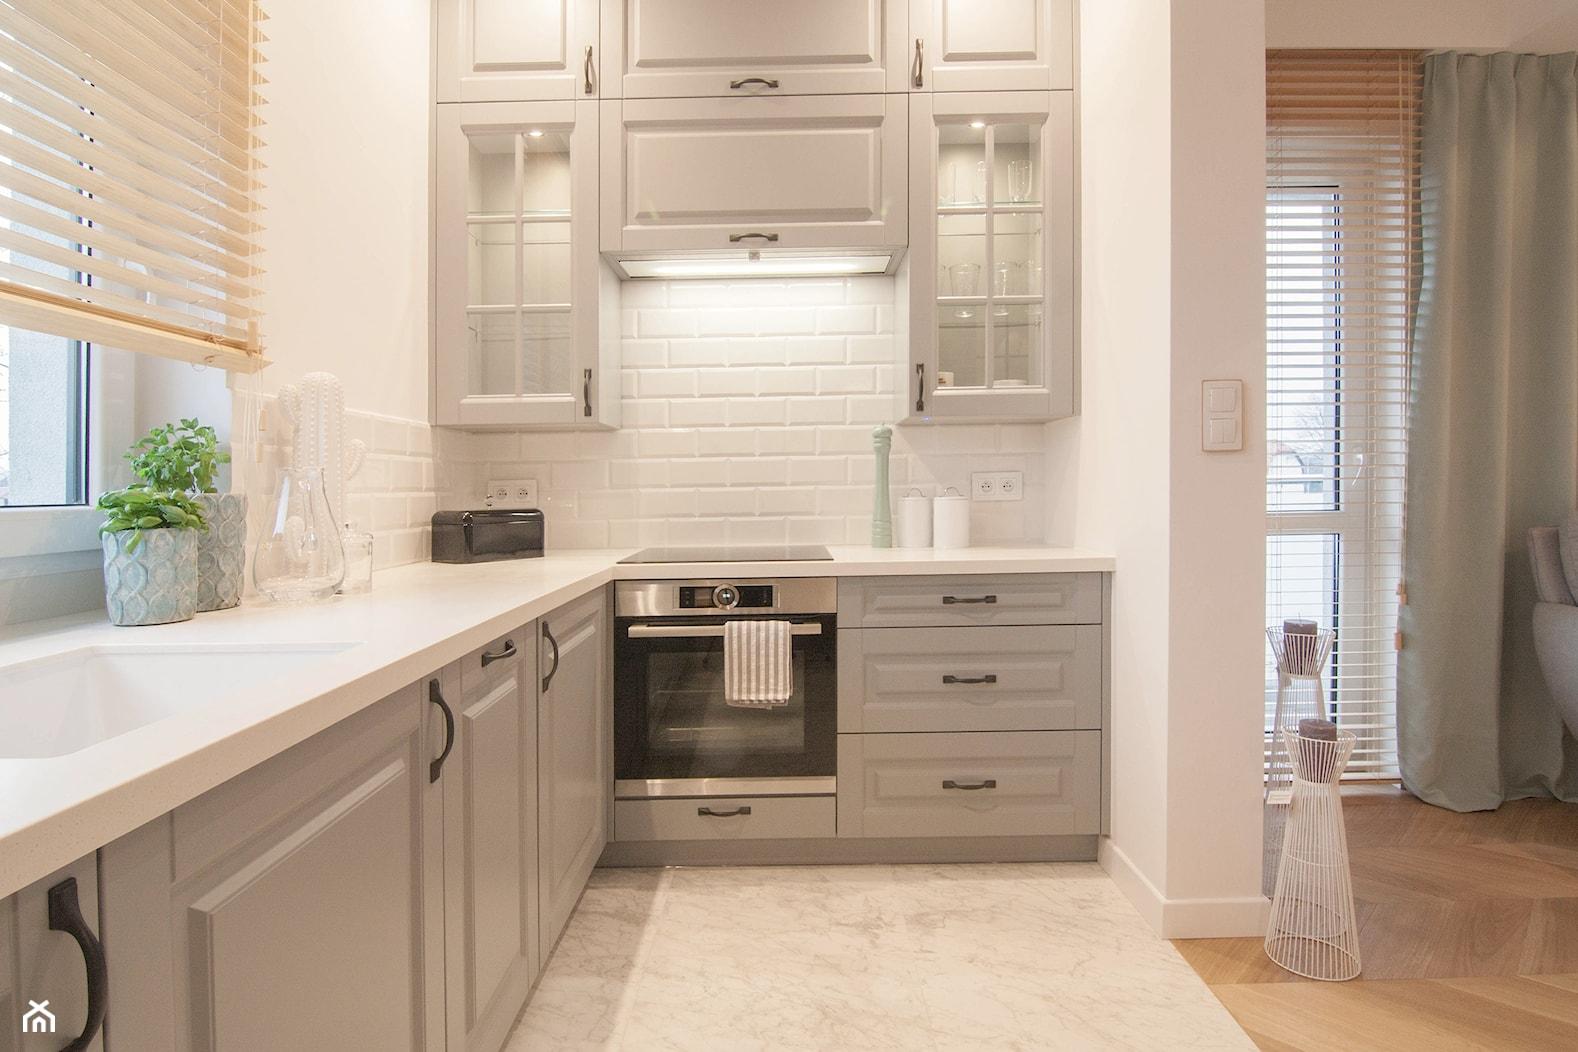 Mieszkanie 60m2 - Mała otwarta biała kuchnia w kształcie litery l z oknem, styl tradycyjny - zdjęcie od Projekt Kolektyw - Homebook